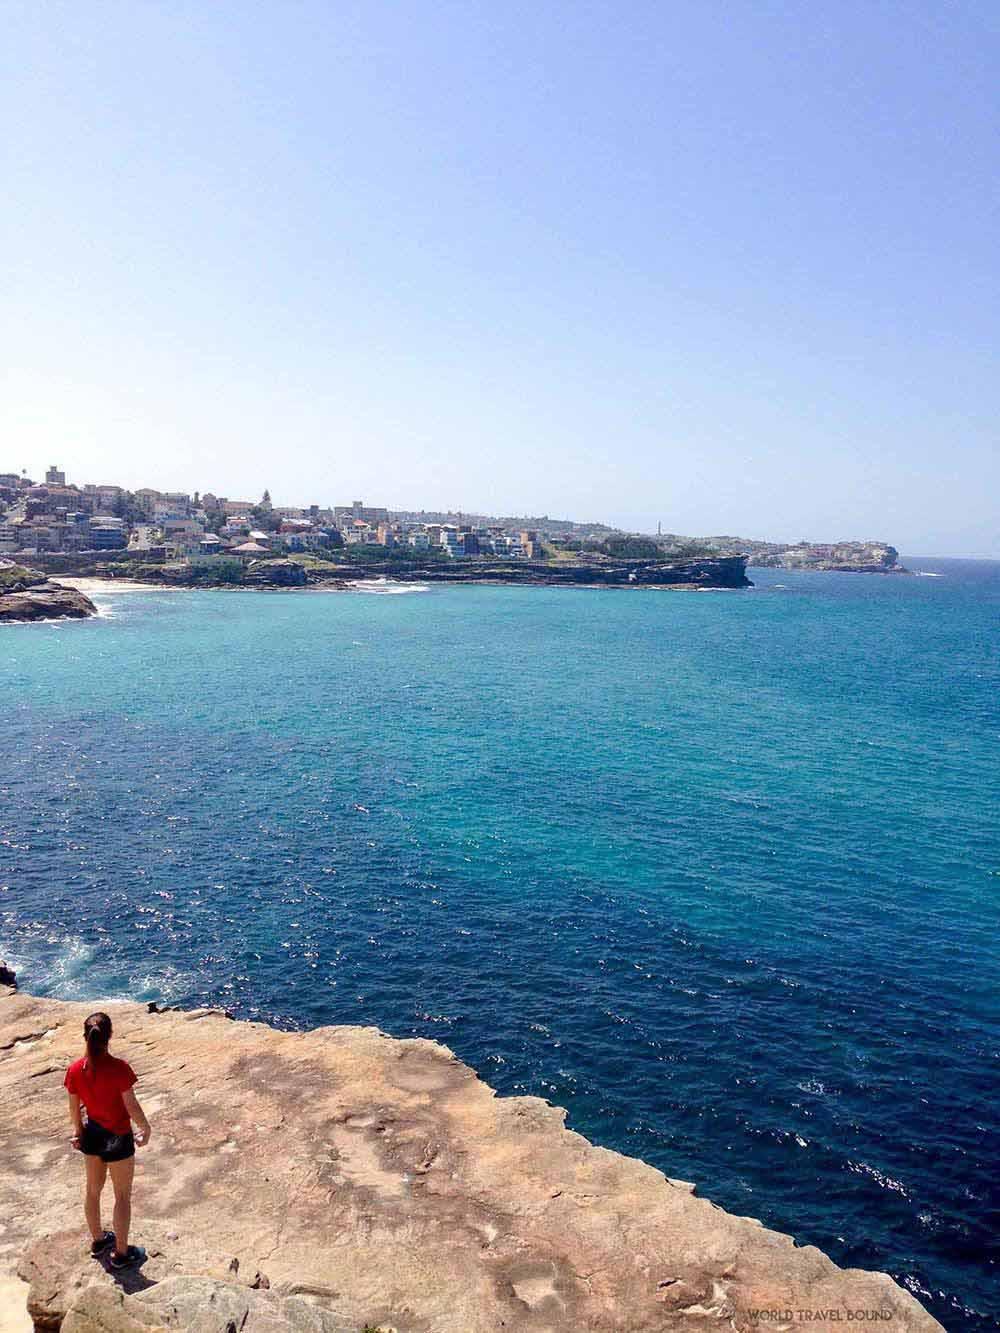 things_to_do_bondi_beach_world_travel_bound